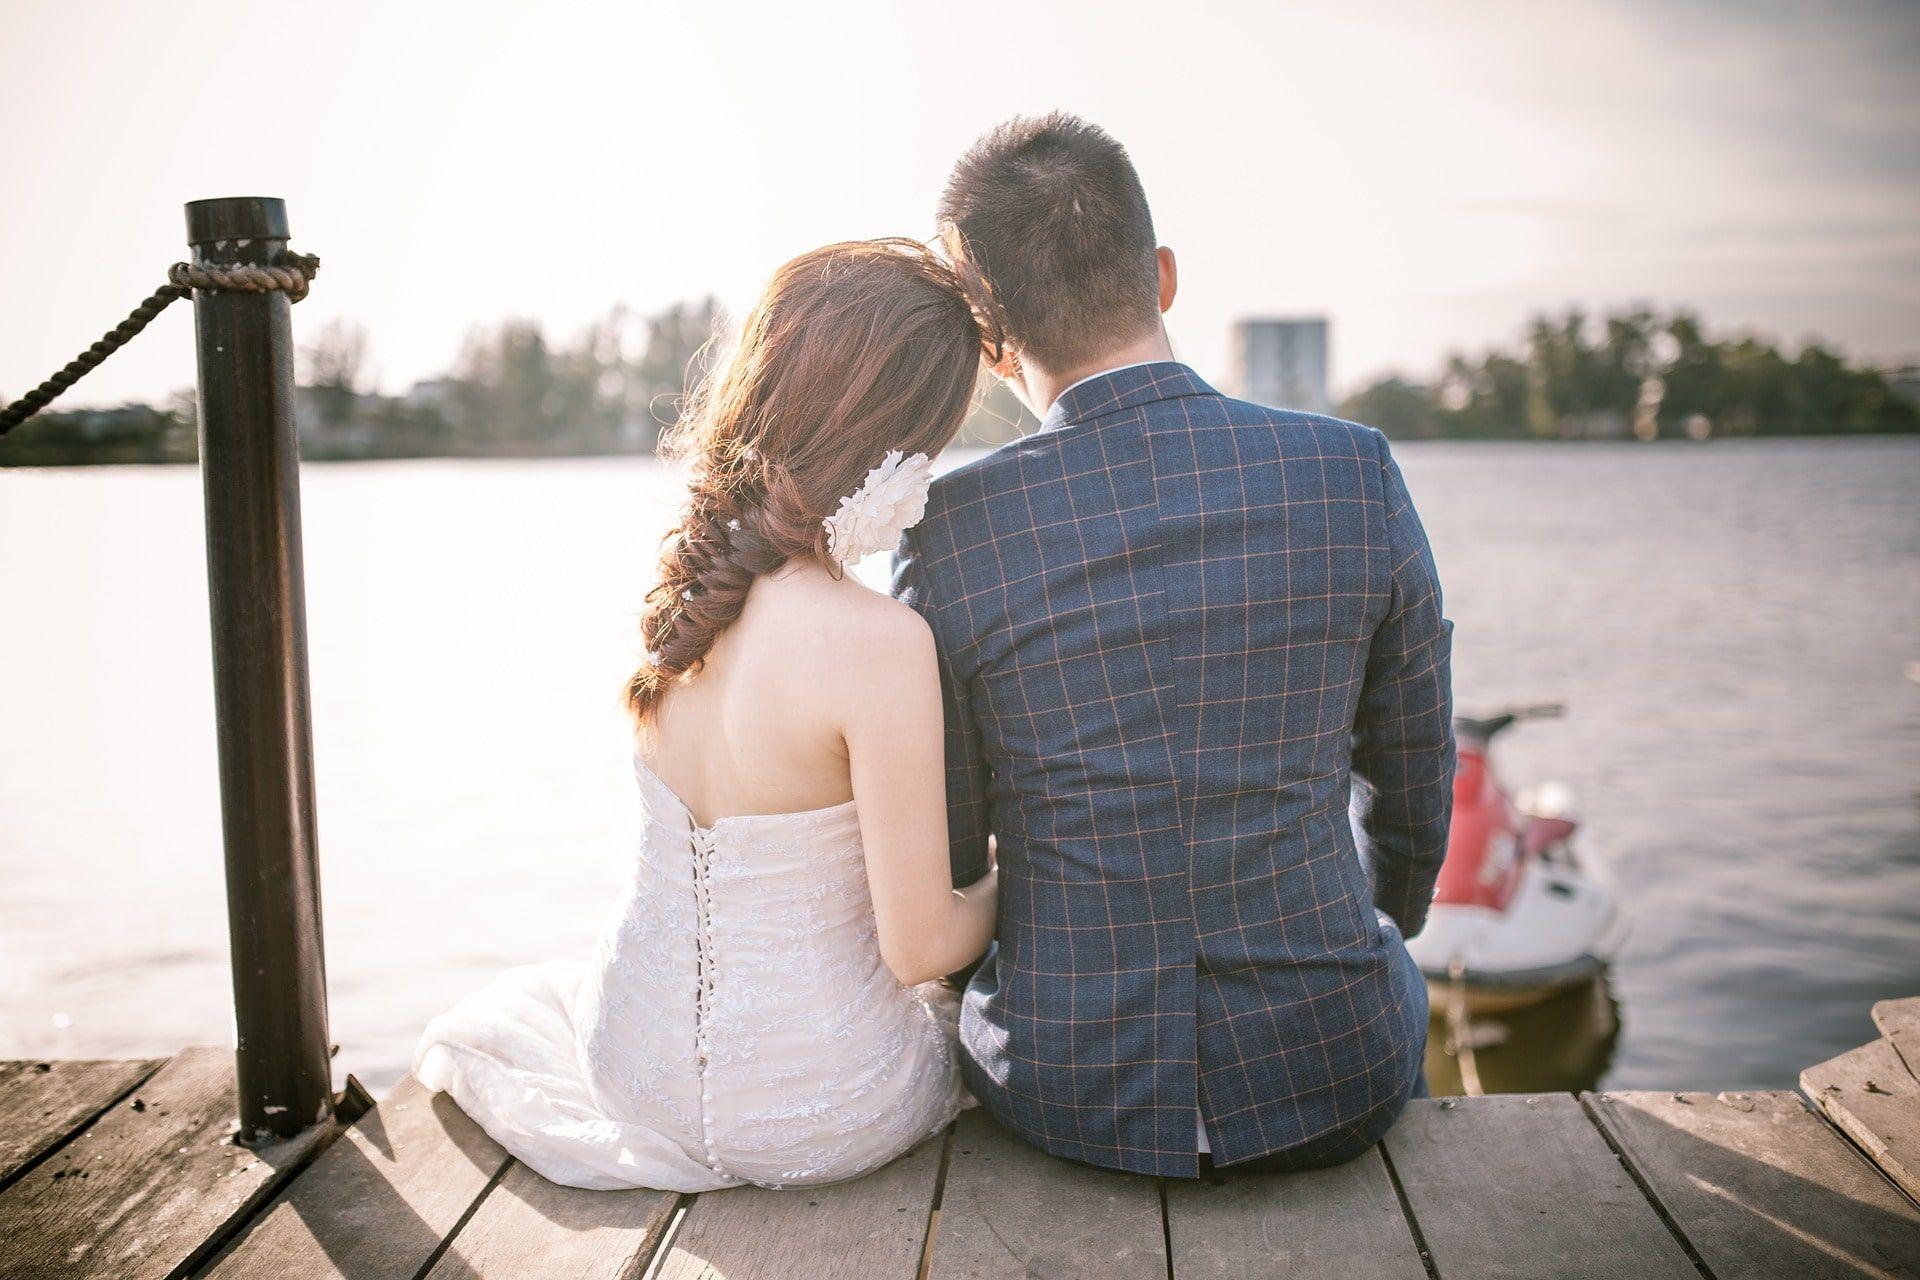 Открытки февраля, картинки любовь свадьба счастье